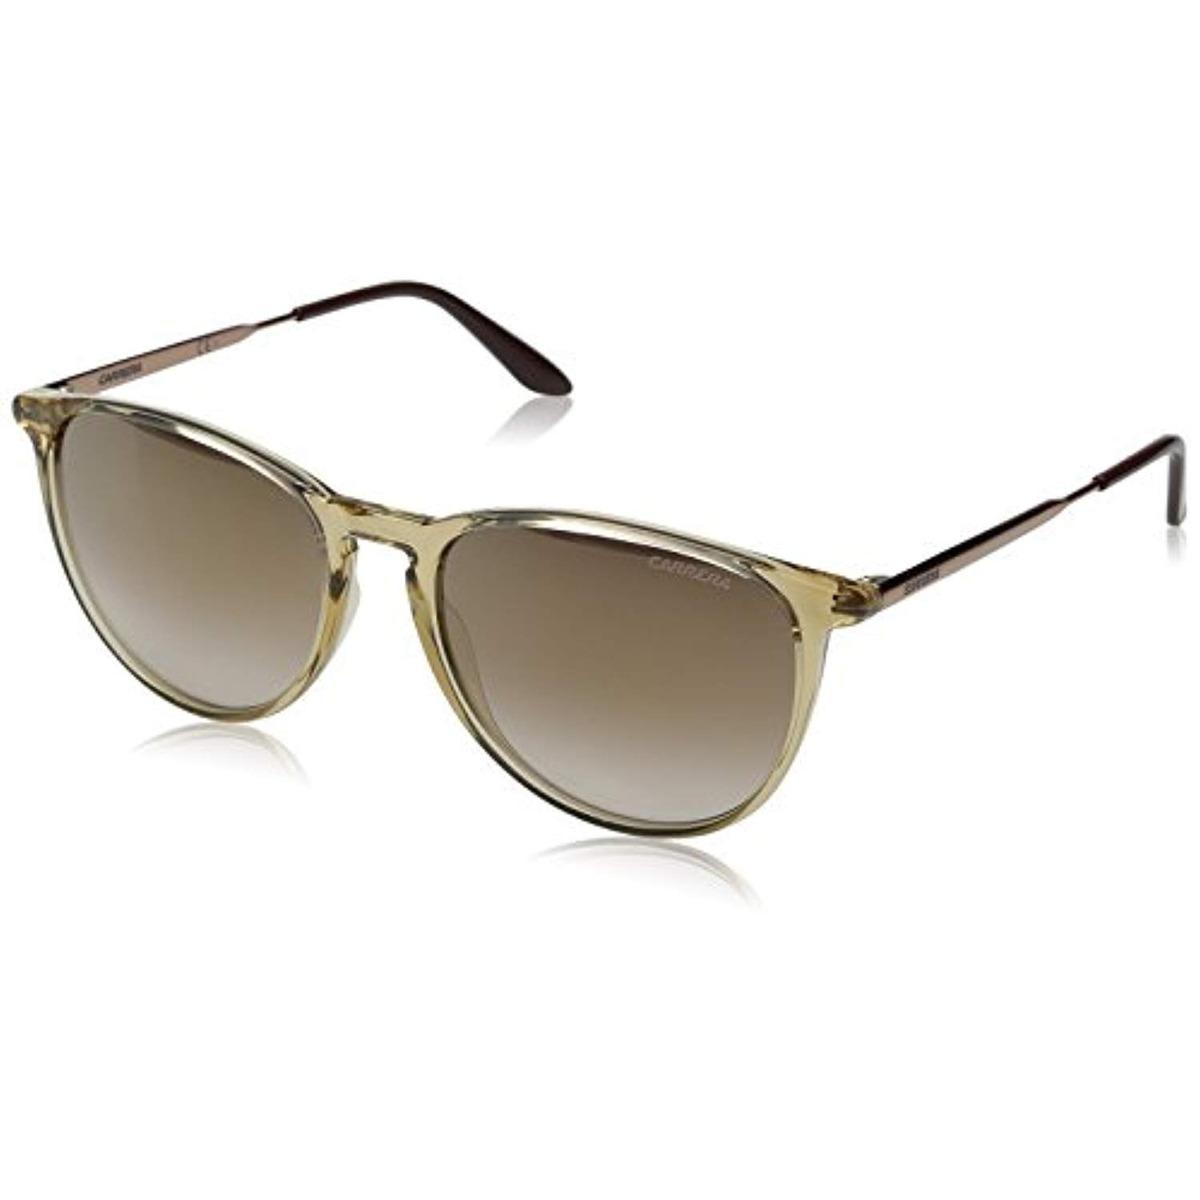 589967e933 Gafas De Sol Carrera Ca5030s Cuadradas, Beige - $ 435.533 en Mercado ...